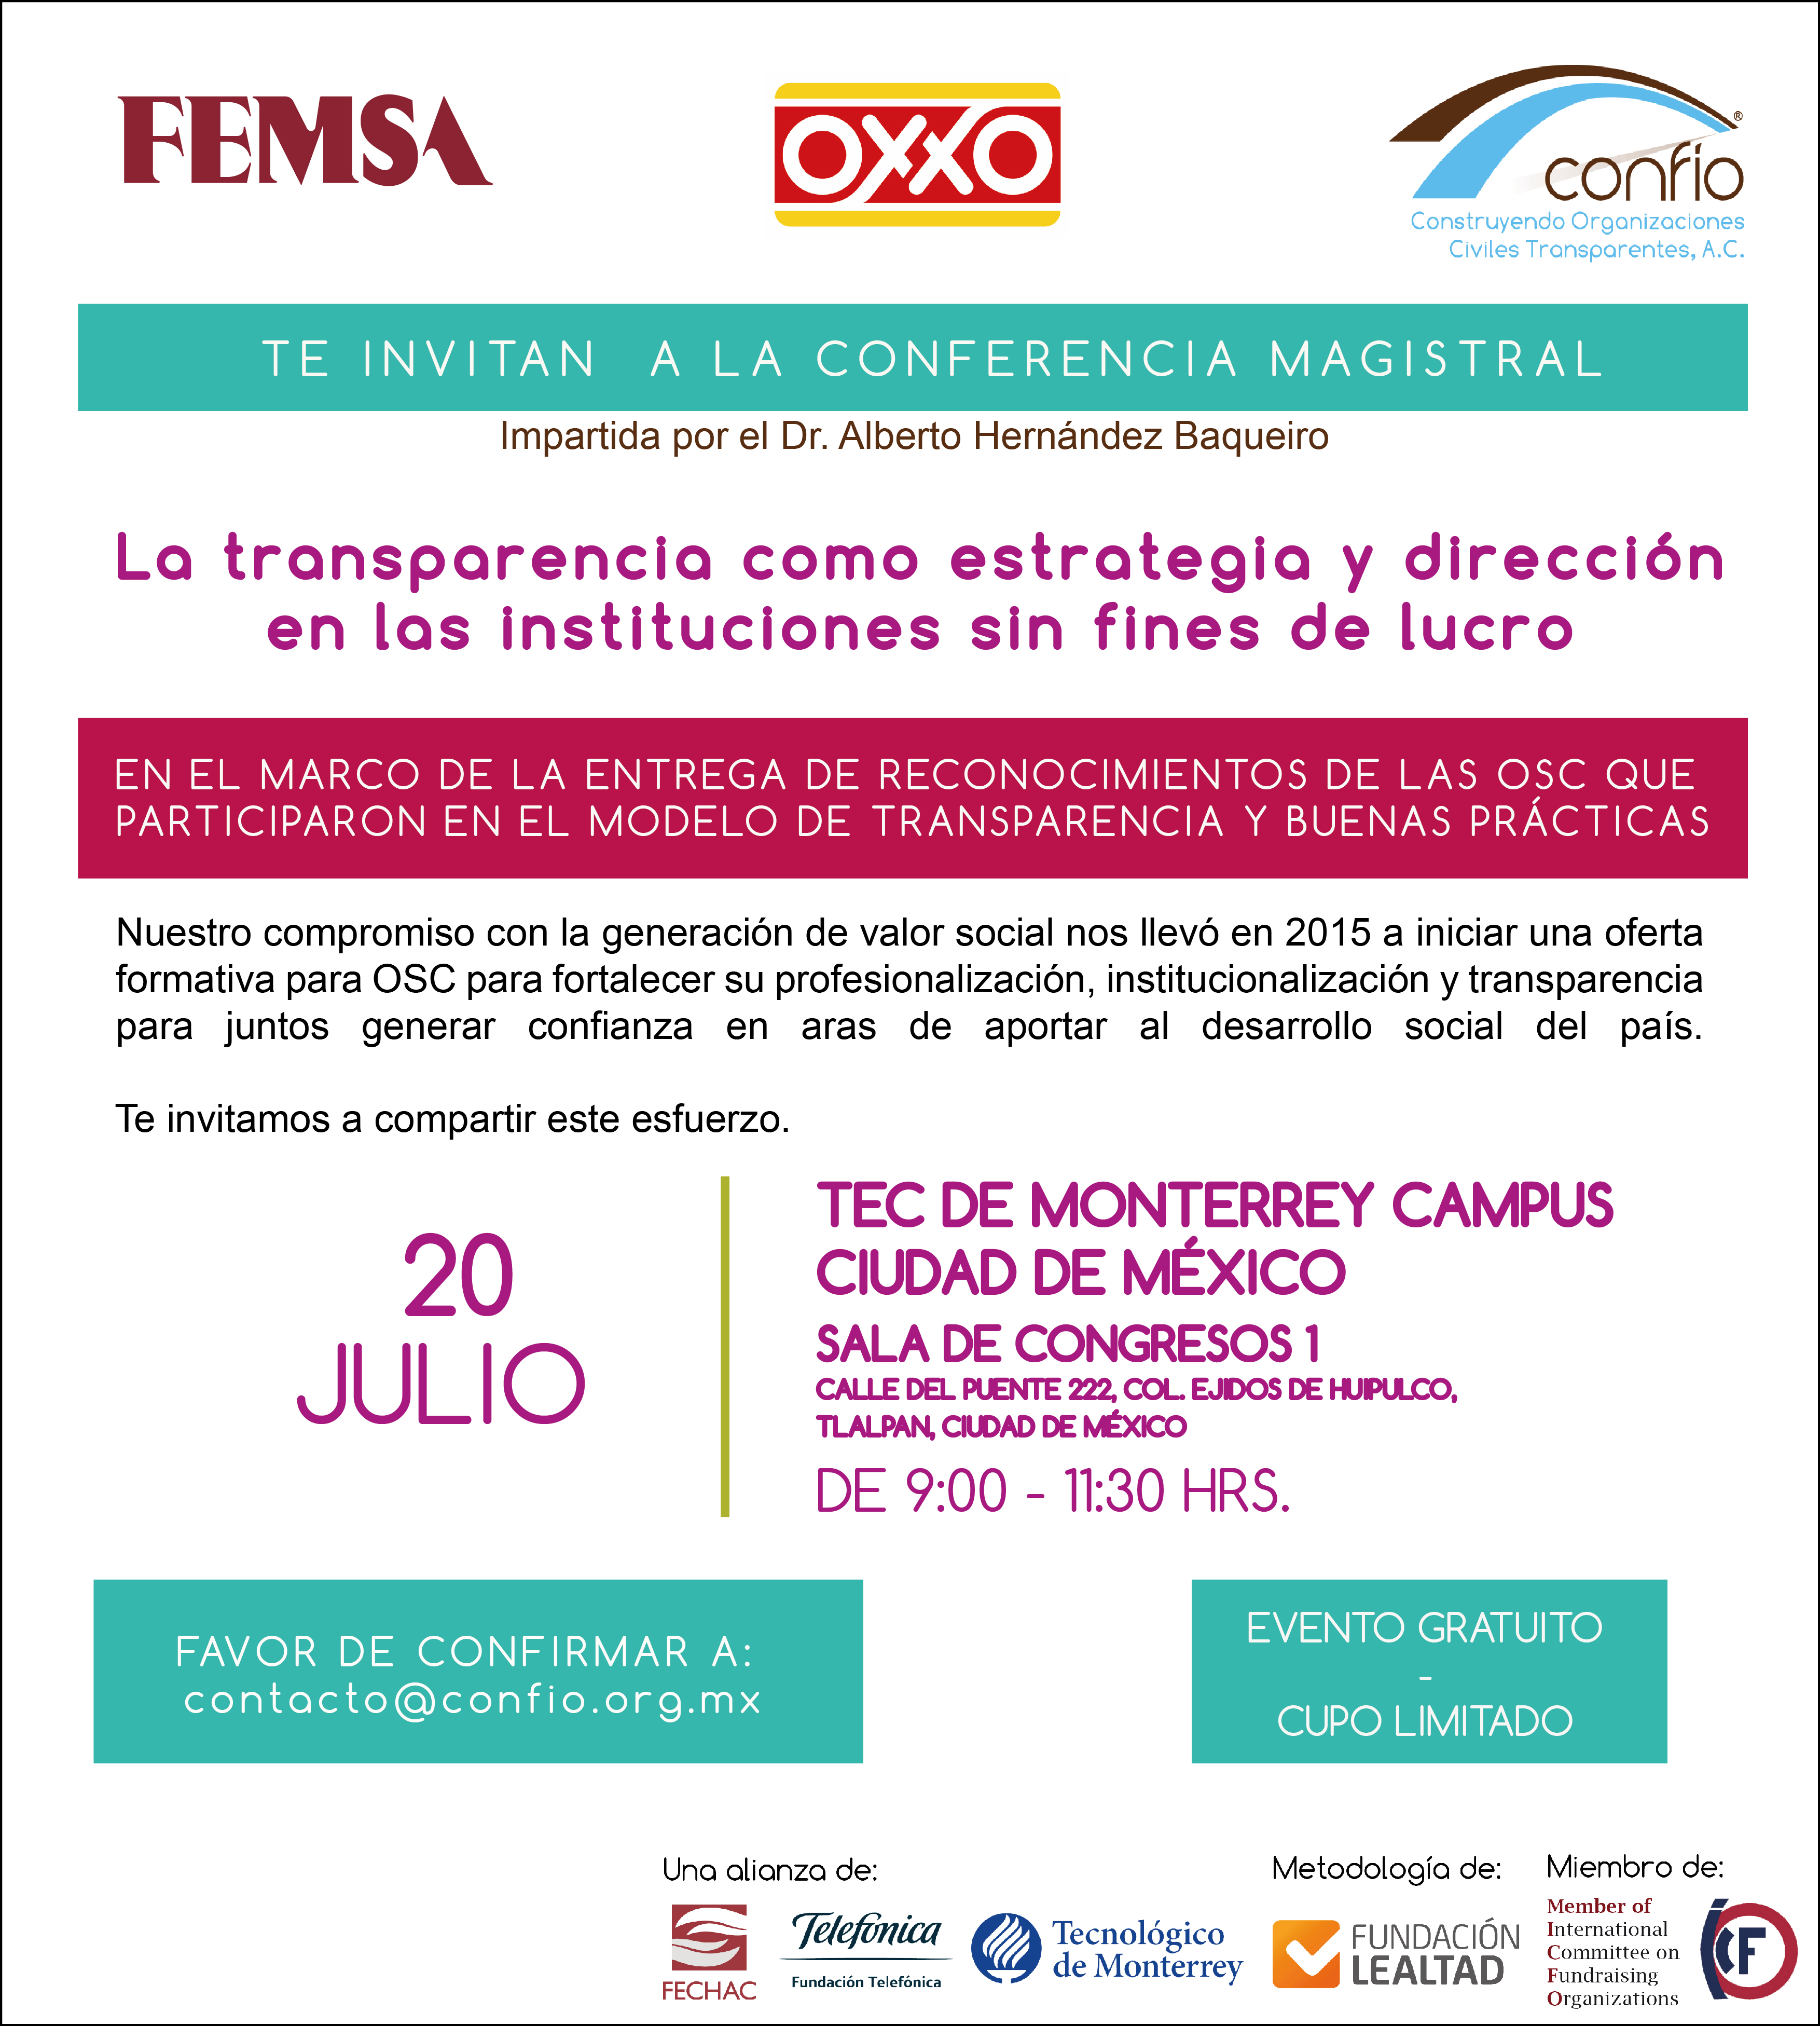 invitación Confío, OXXO y Femsa reconocimiento CDMX CONFÍO-01